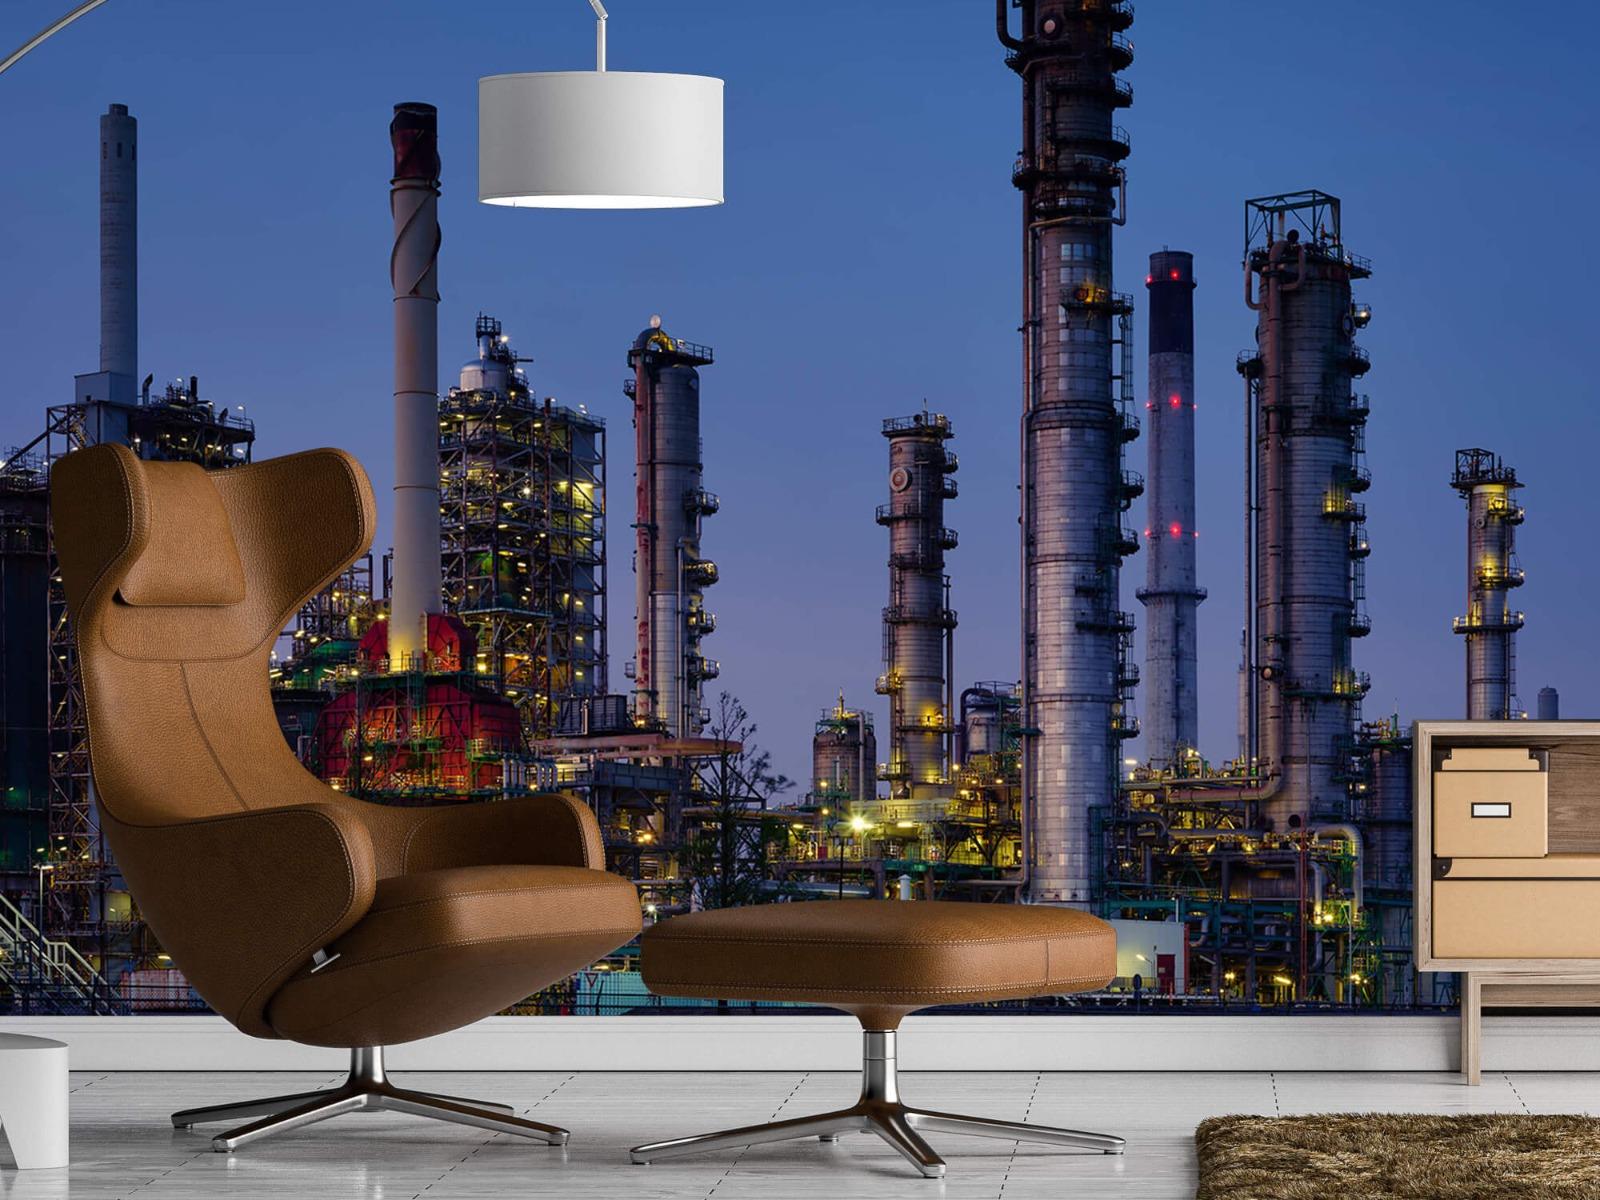 Steden behang - Industrie Botlek - Hobbykamer 19